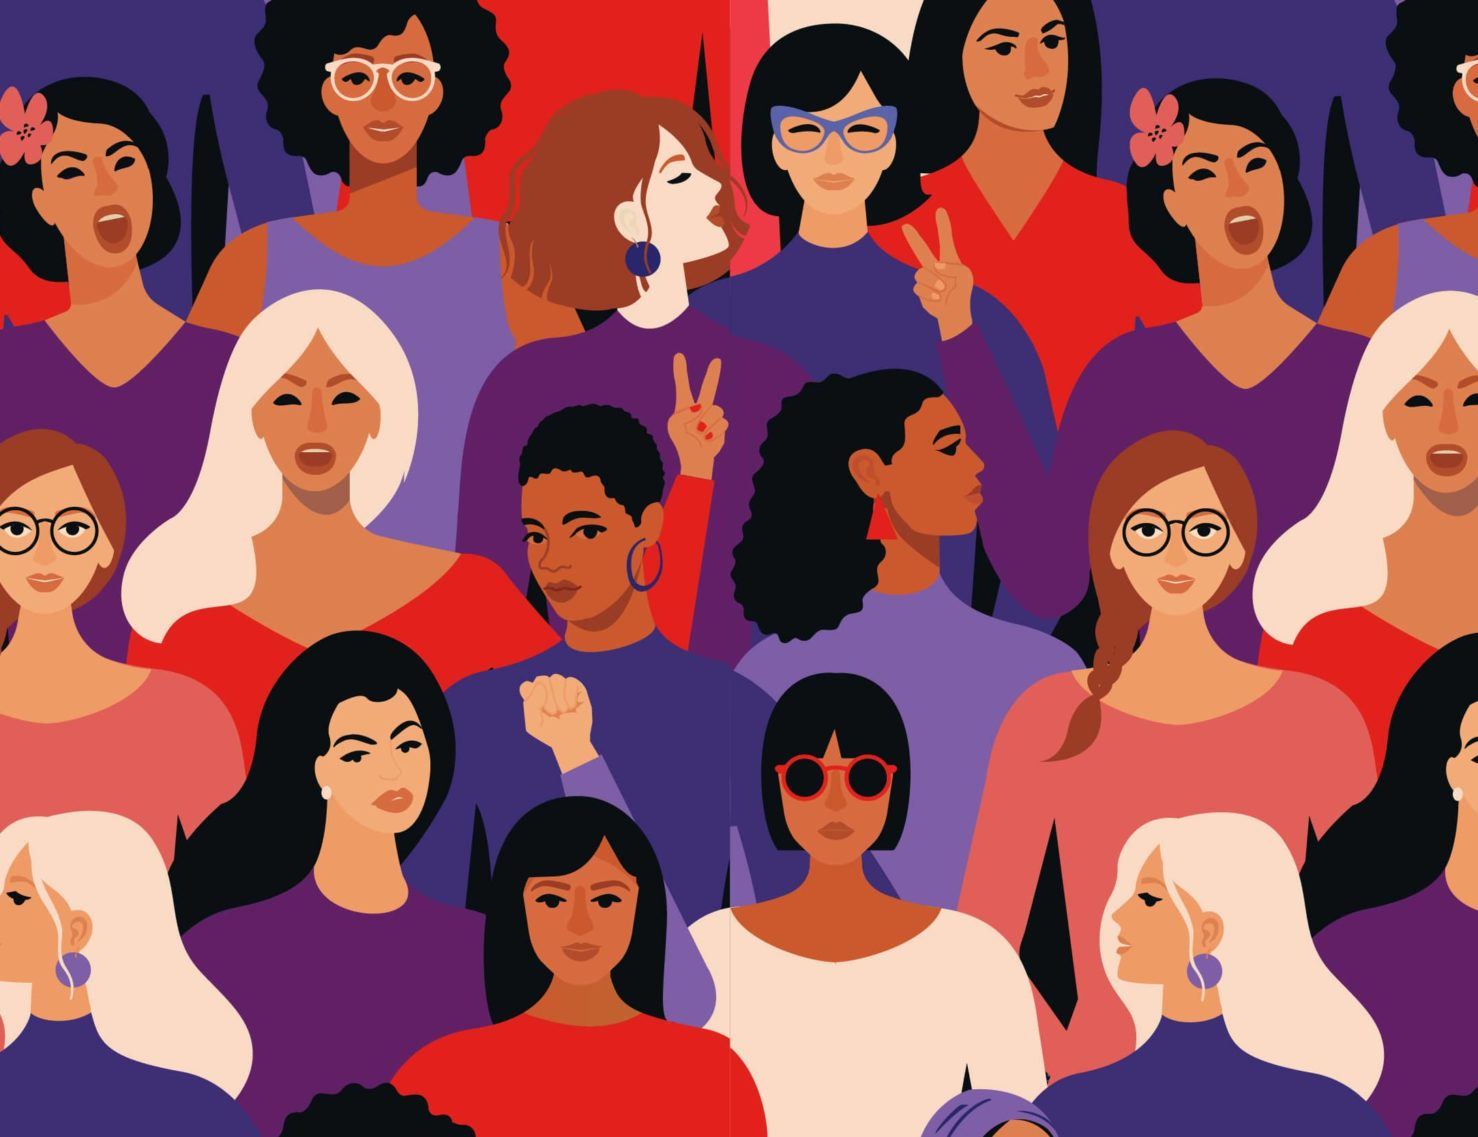 Women in Motion: seguridad para mujeres en transporte